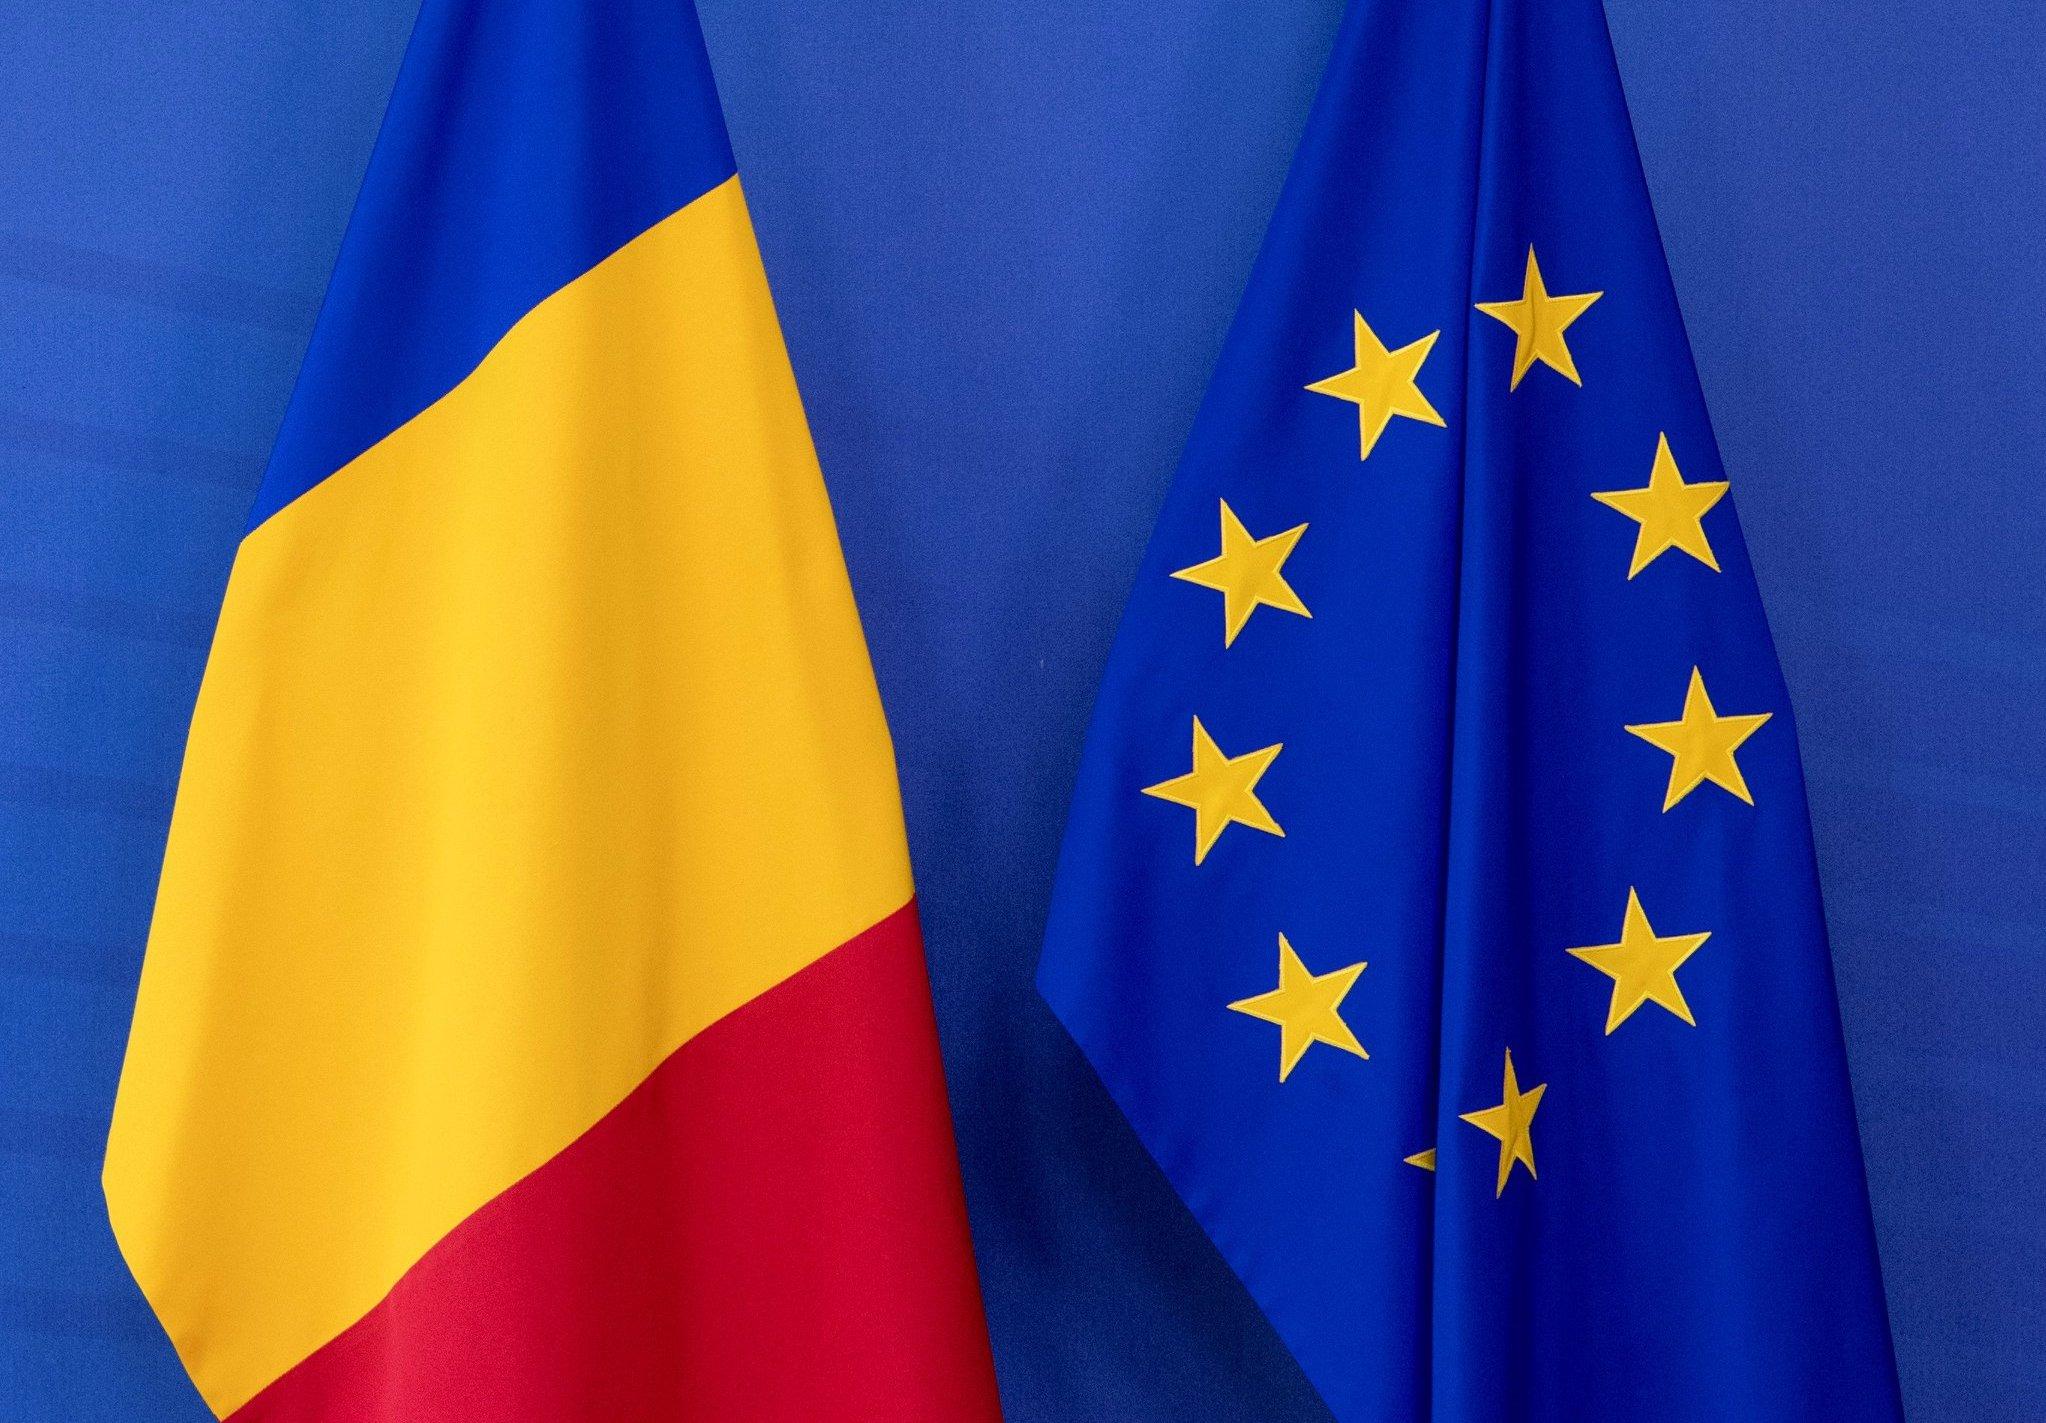 România va primi 79,9 miliarde de euro pentru relansarea economică de după pandemia de coronavirus